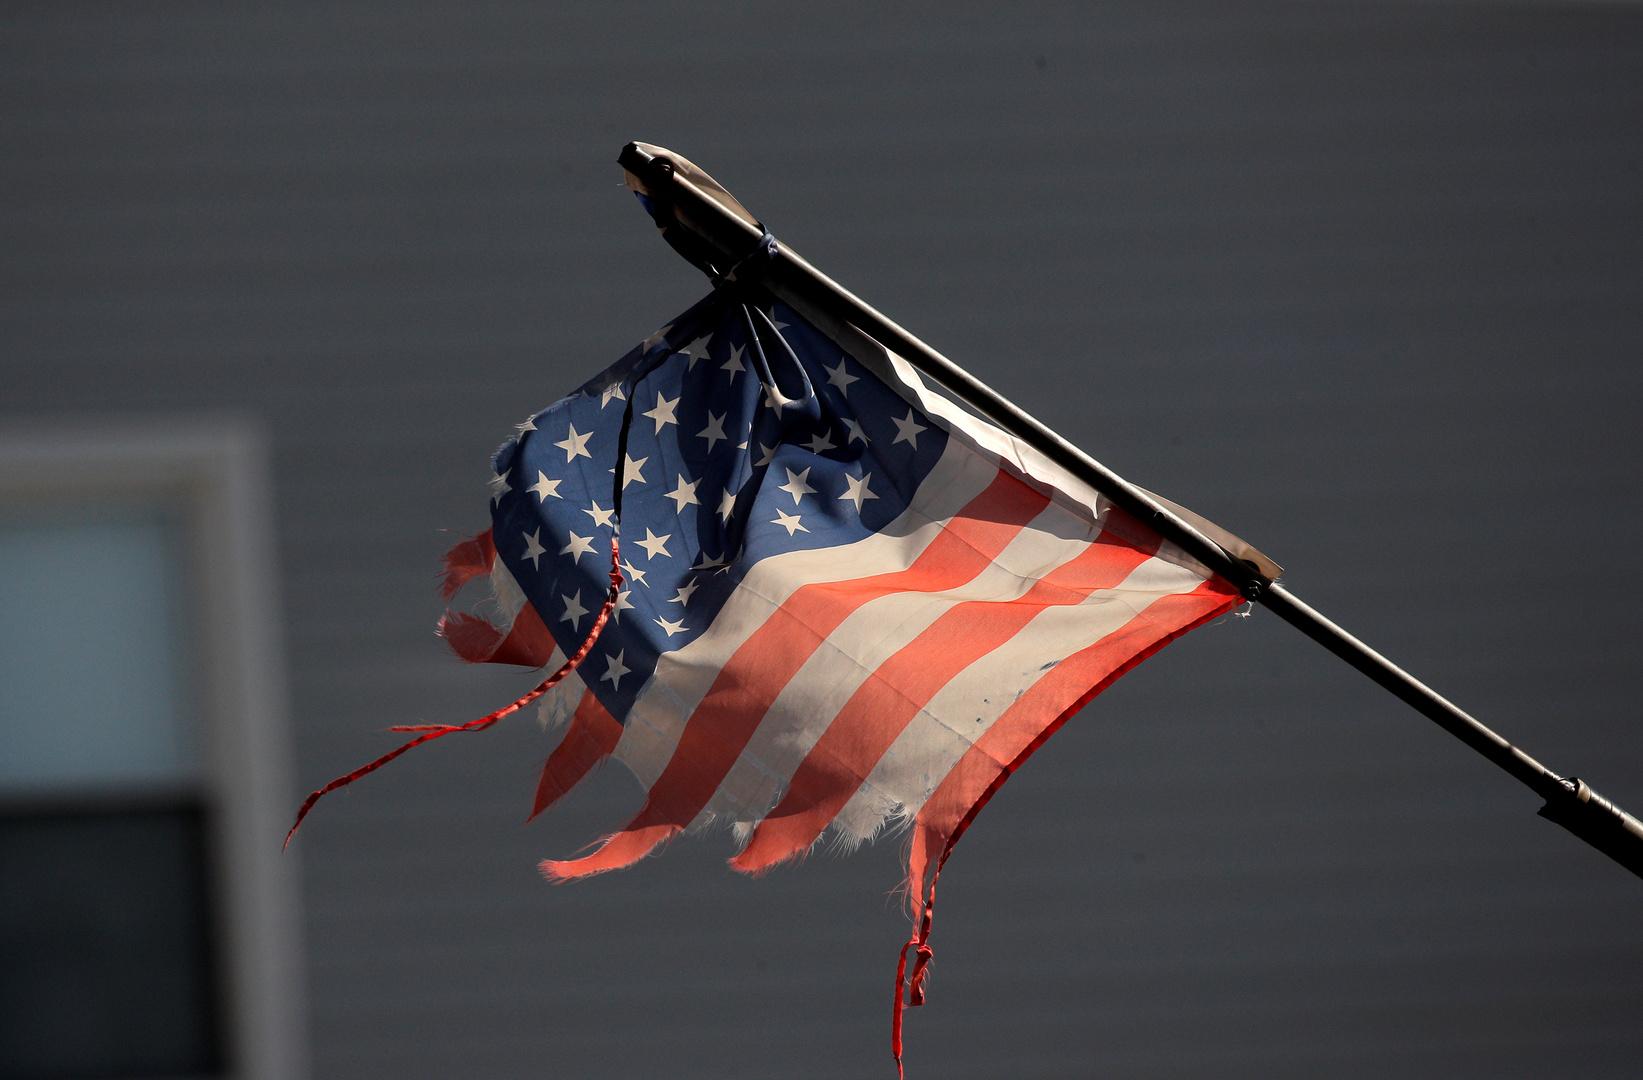 علم أمريكي ممزق أمام مستشفى في نيويورك